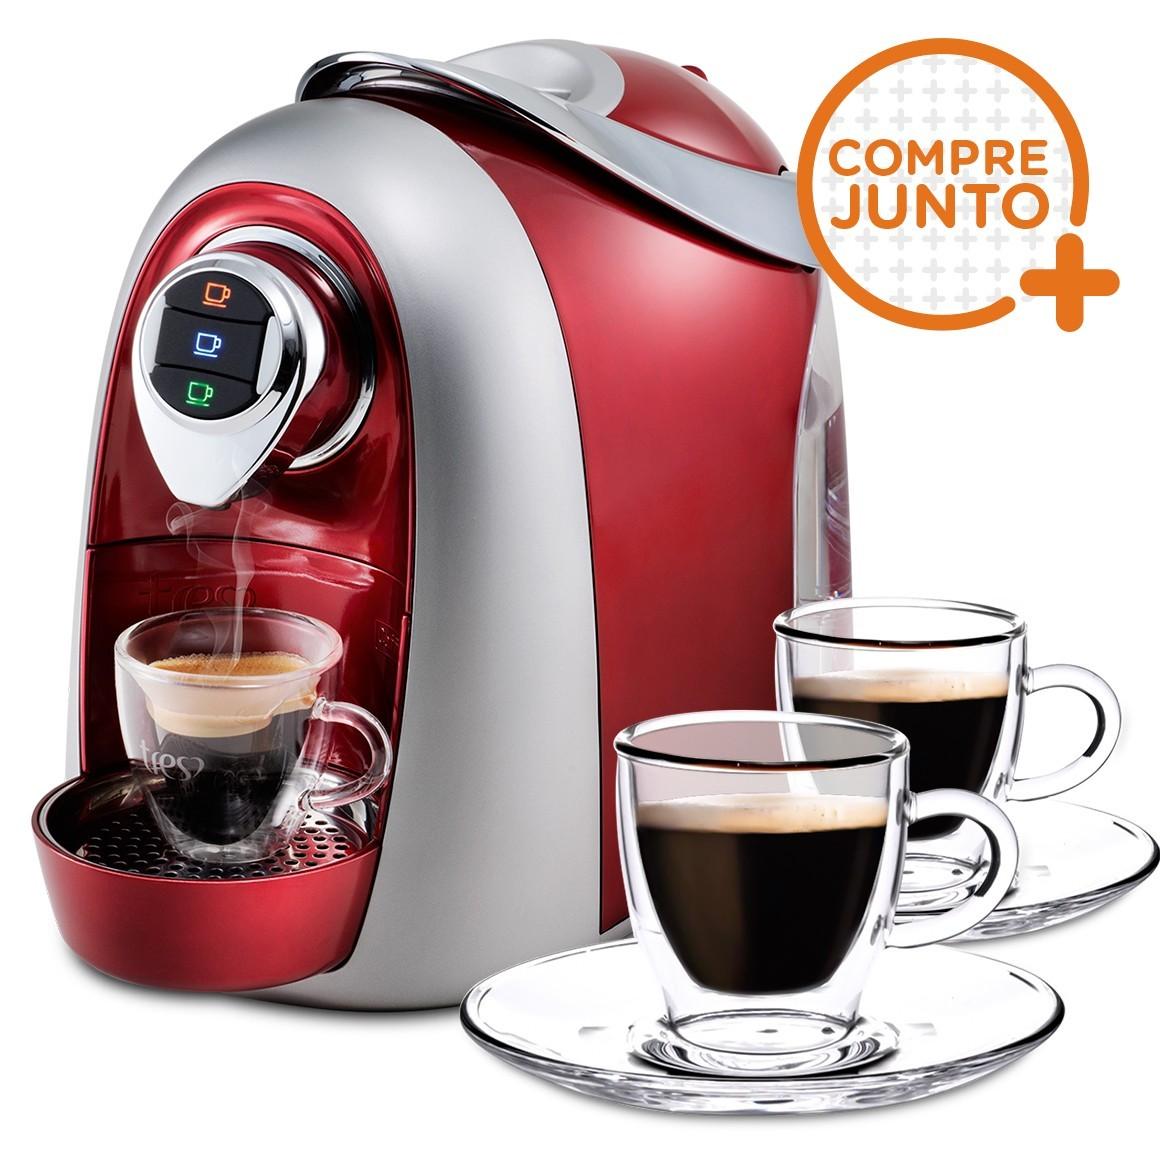 Cafeteira Expresso Três Corações Modo Vermelha 110v + 2 Xícaras para Café em Vidro Duplo 80ml